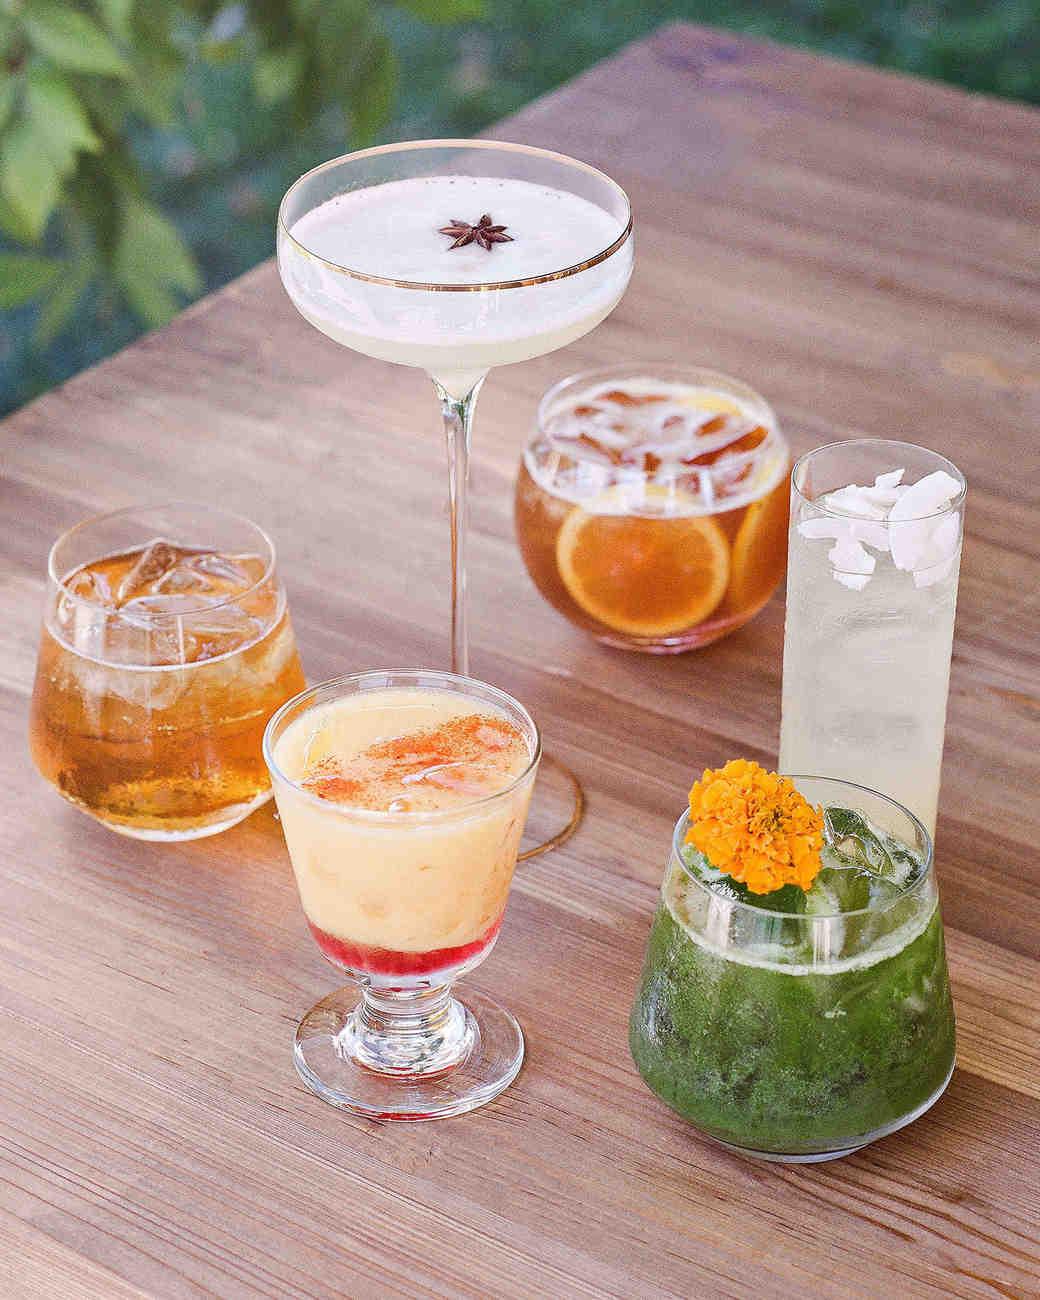 jenna alok wedding wine country california specialty drinks